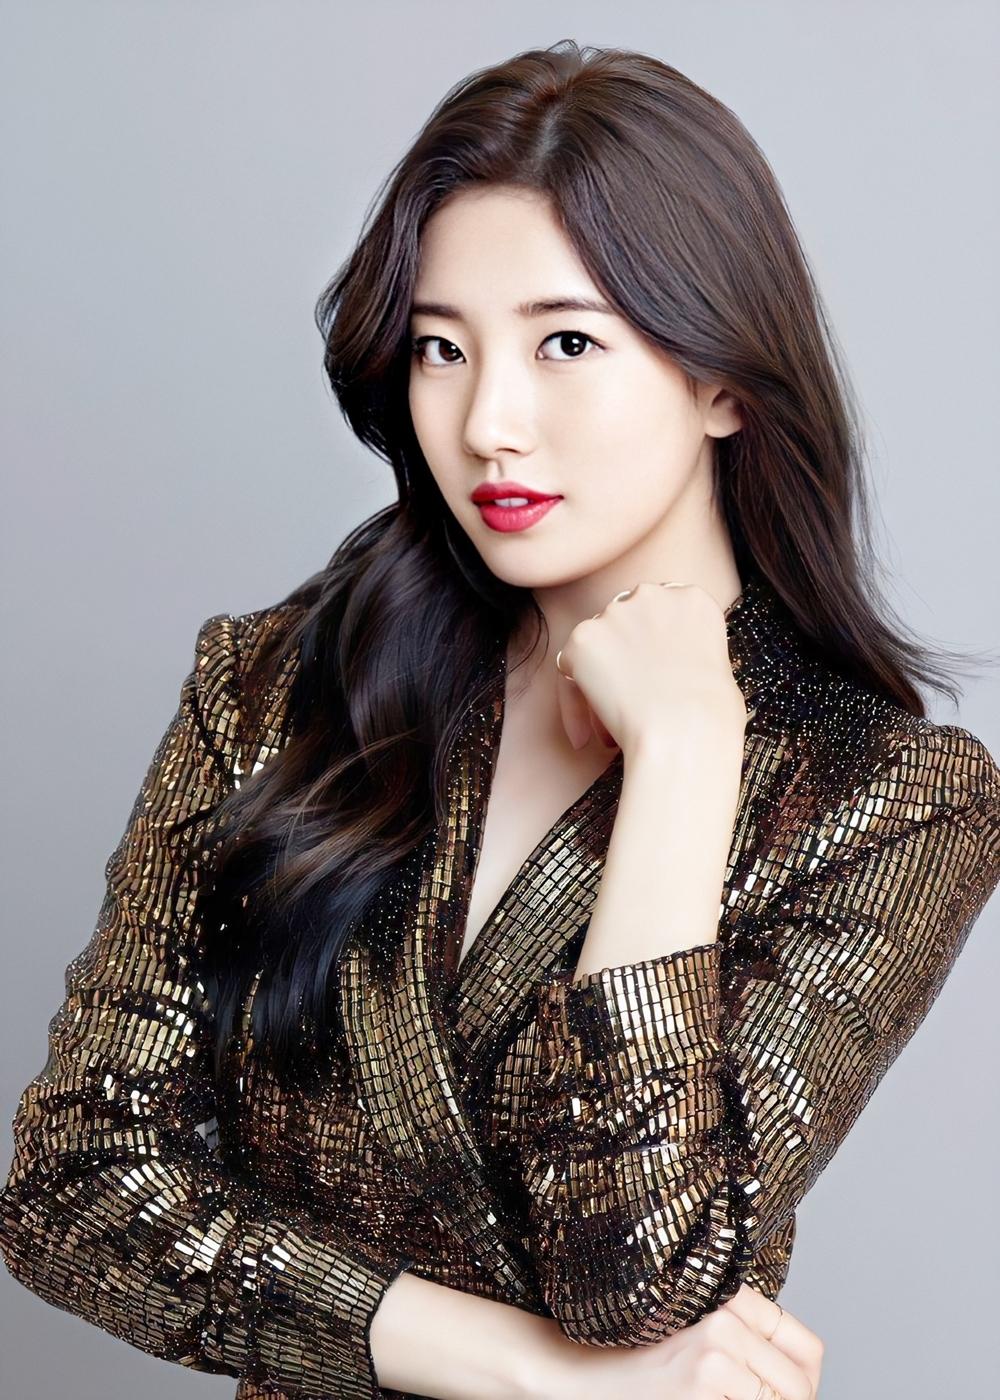 Theo Naver, Suzy được khán giả gọi là Nữ thần mặt mộc vìthường xuyên xuất hiện với khuôn mặt không son phấn. Khi make-up thì sắc sảo, cuốn hút. Người đẹp từng tiết lộ chăm sóc da bằng cách uống nhiều nước, massage mỗi ngày, chỉ dùng thực phẩm tốt cho sức khỏe, duy trì lối sống lành mạnh và chế độ ăn xanh.